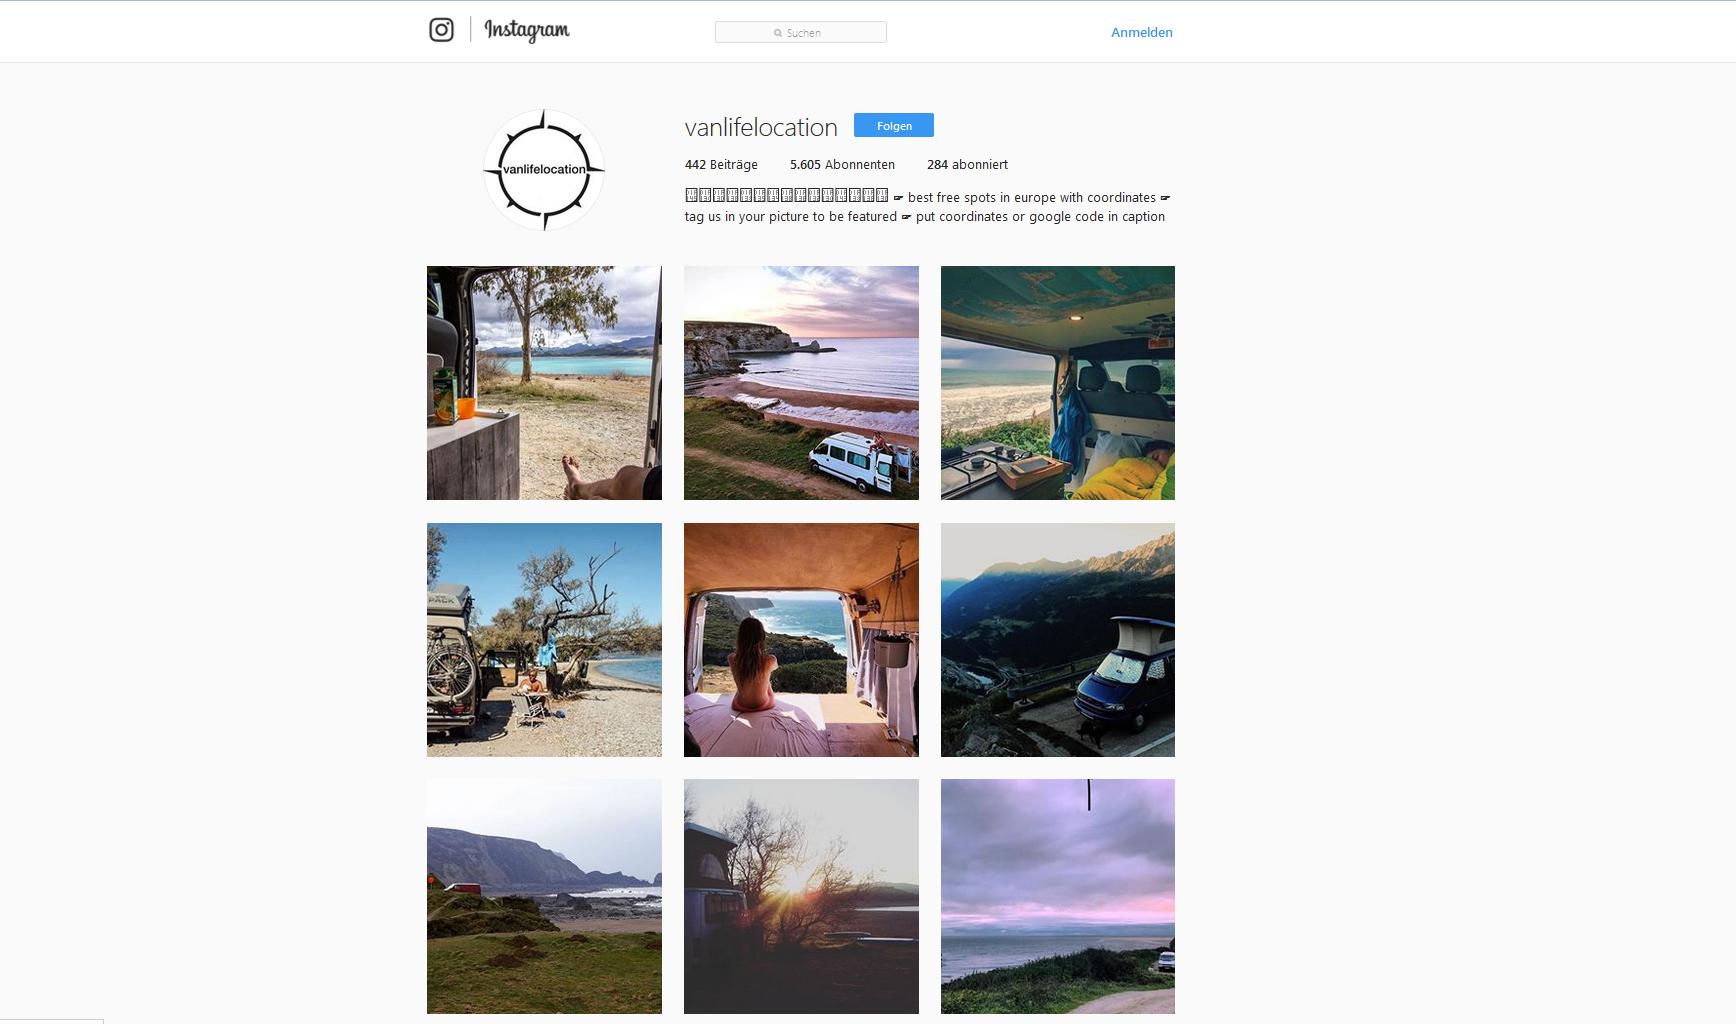 Der Instagram-Account vanlifelocation